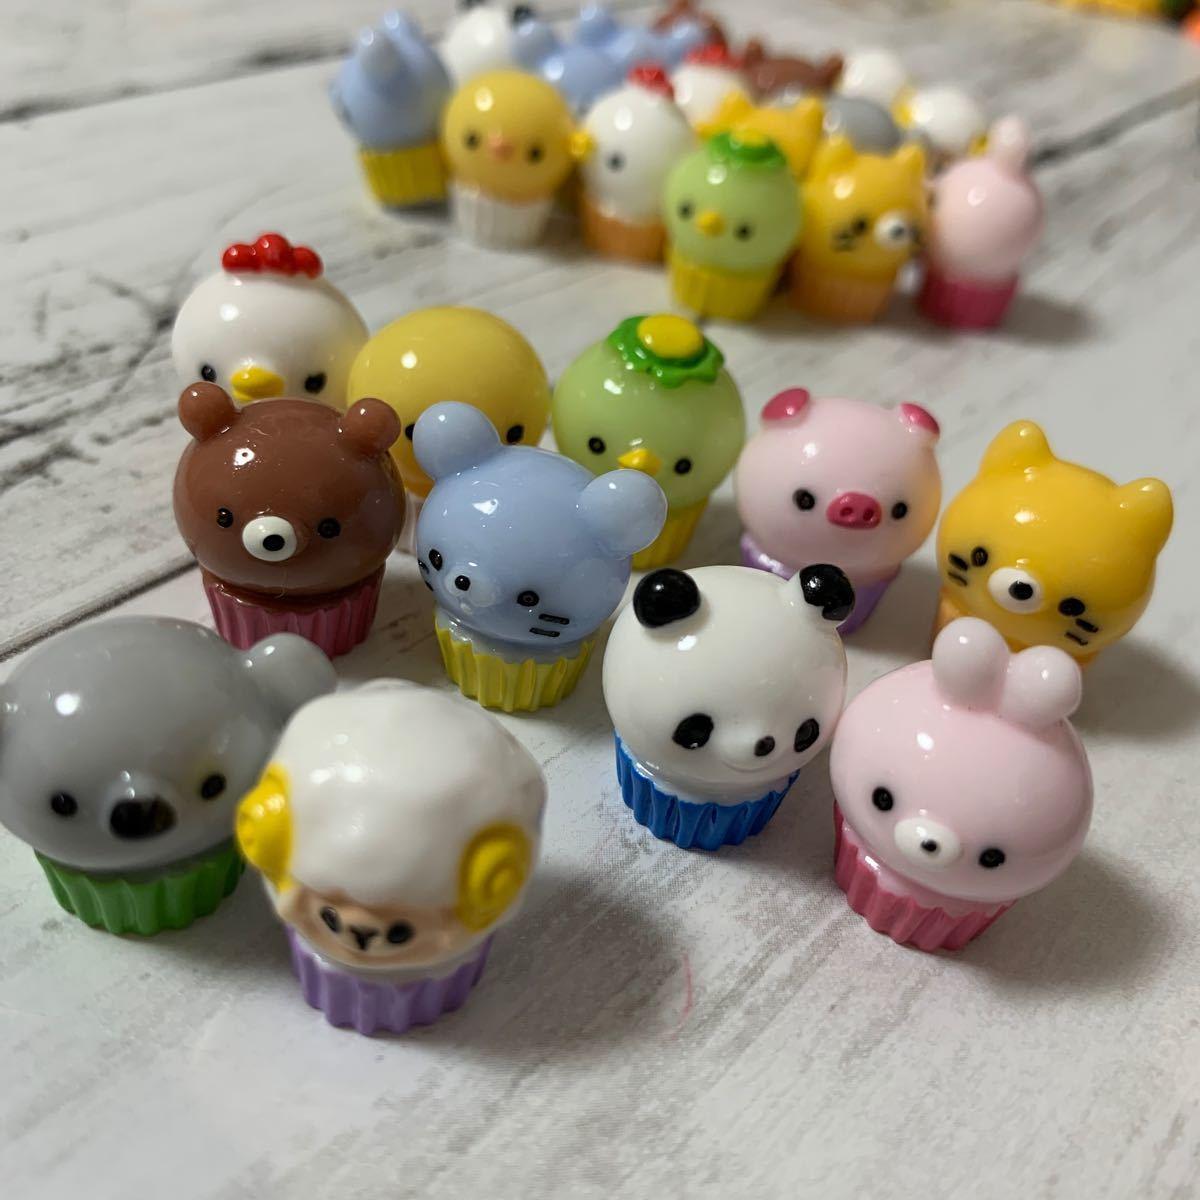 動物カップケーキデコパーツ27コ送料込み850円